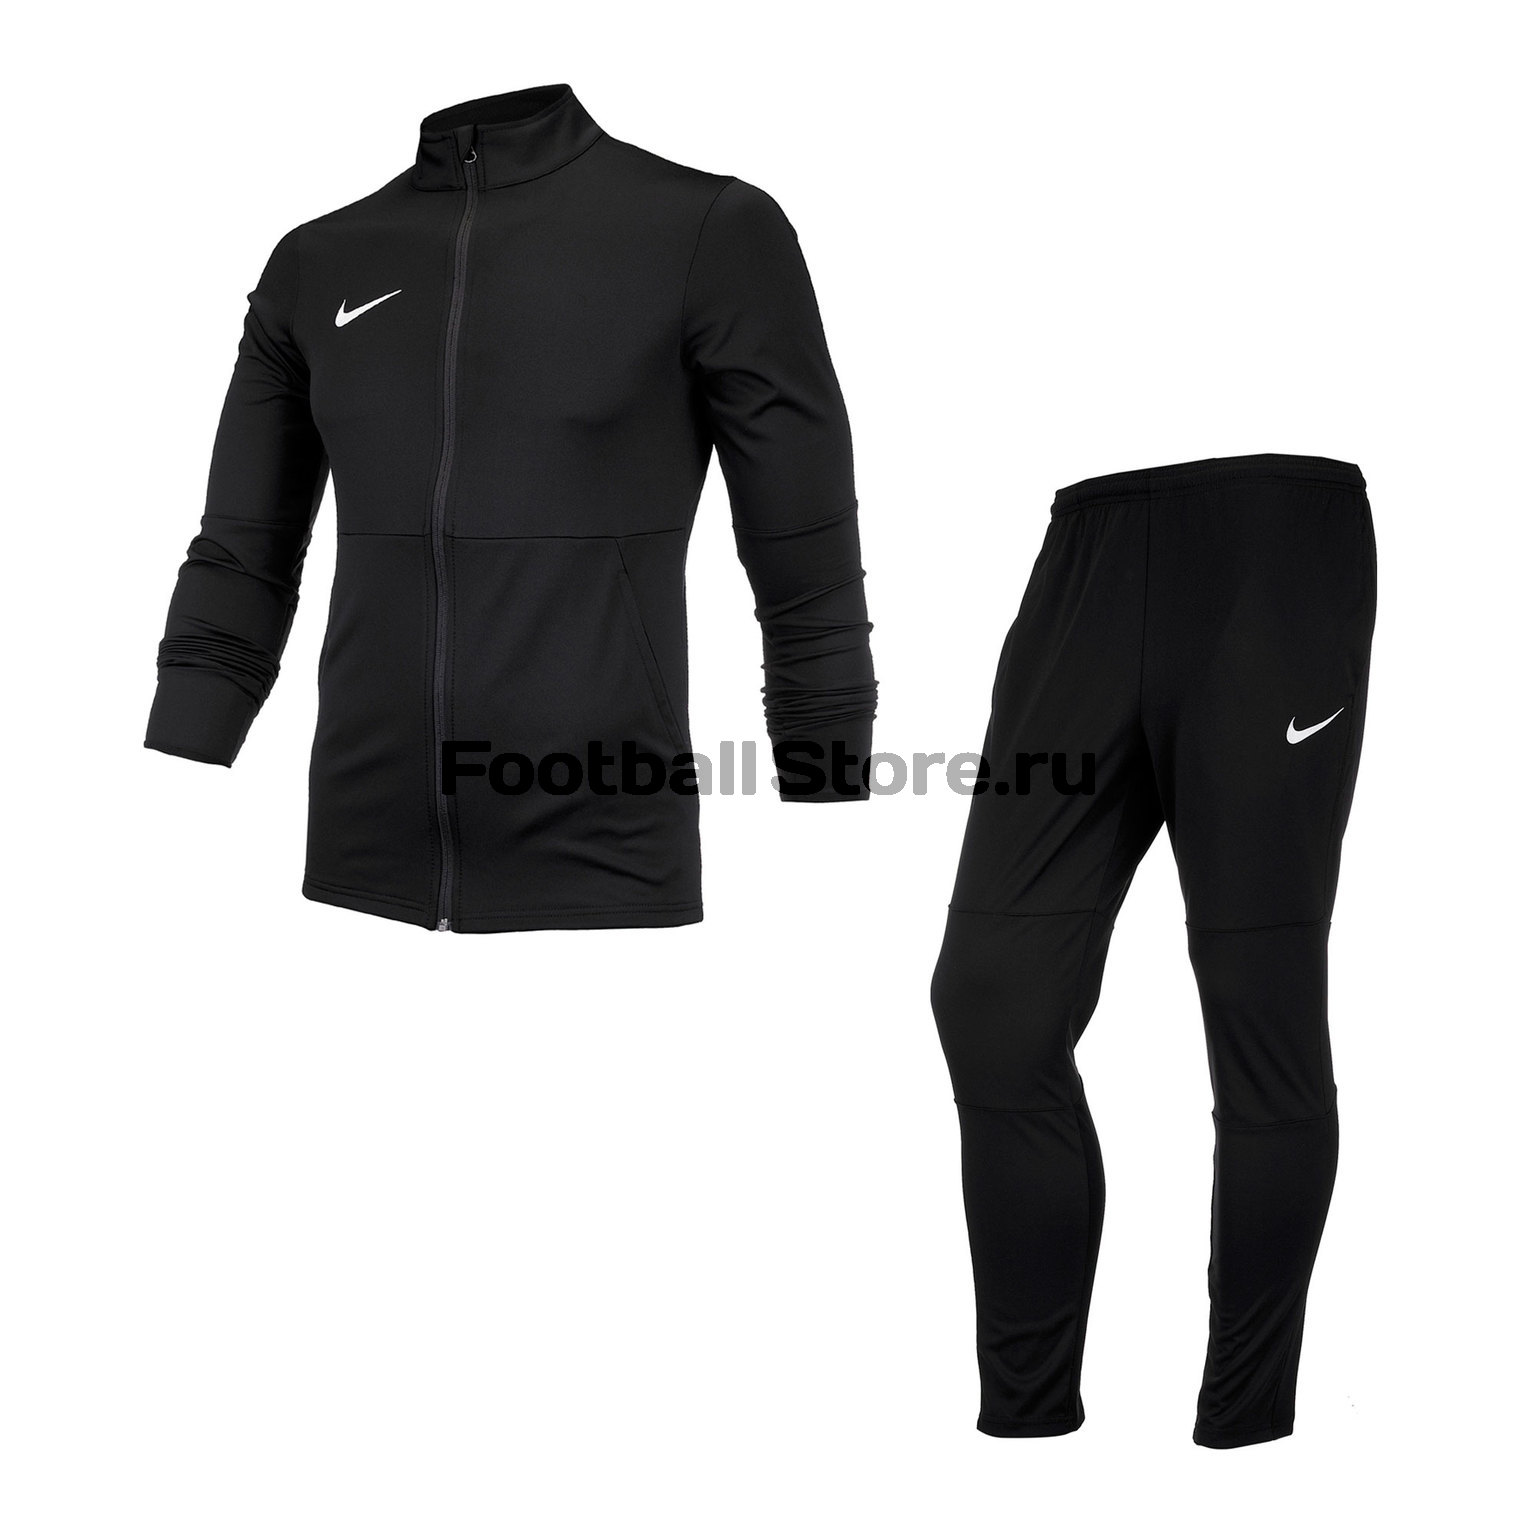 Костюм спортивный Nike Dry Park18 AQ5065-010